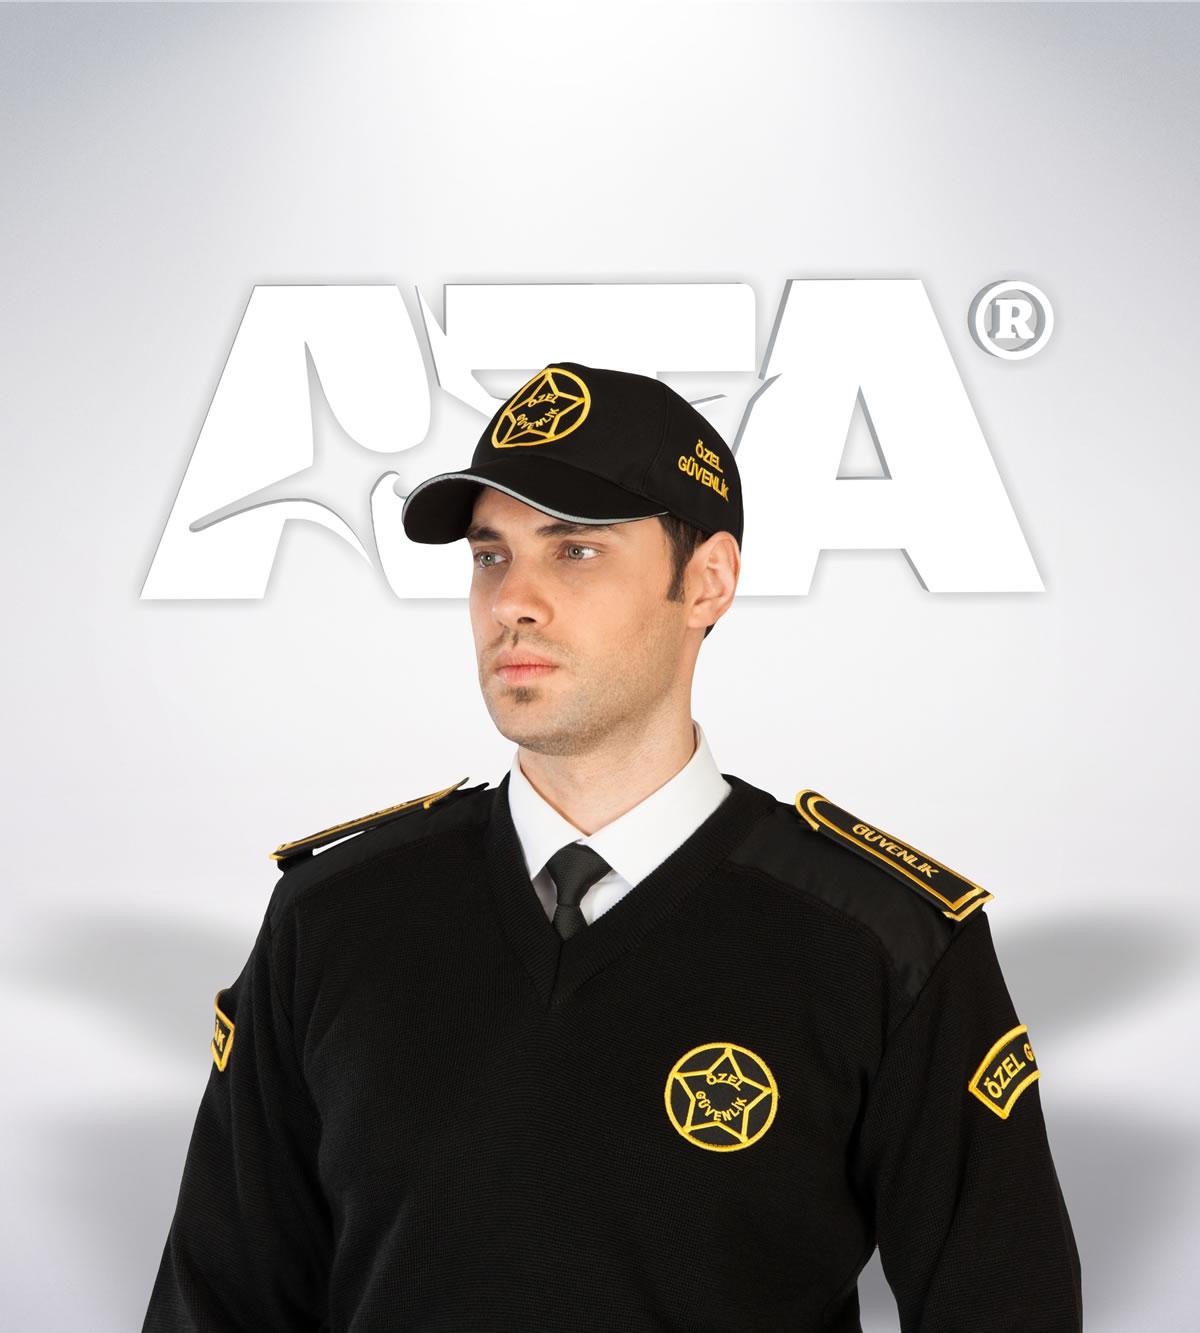 ATA 152 - V yaka kazak - aksesuar - güvenlik elbiseleri | güvenlik üniformaları | güvenlik kıyafetleri